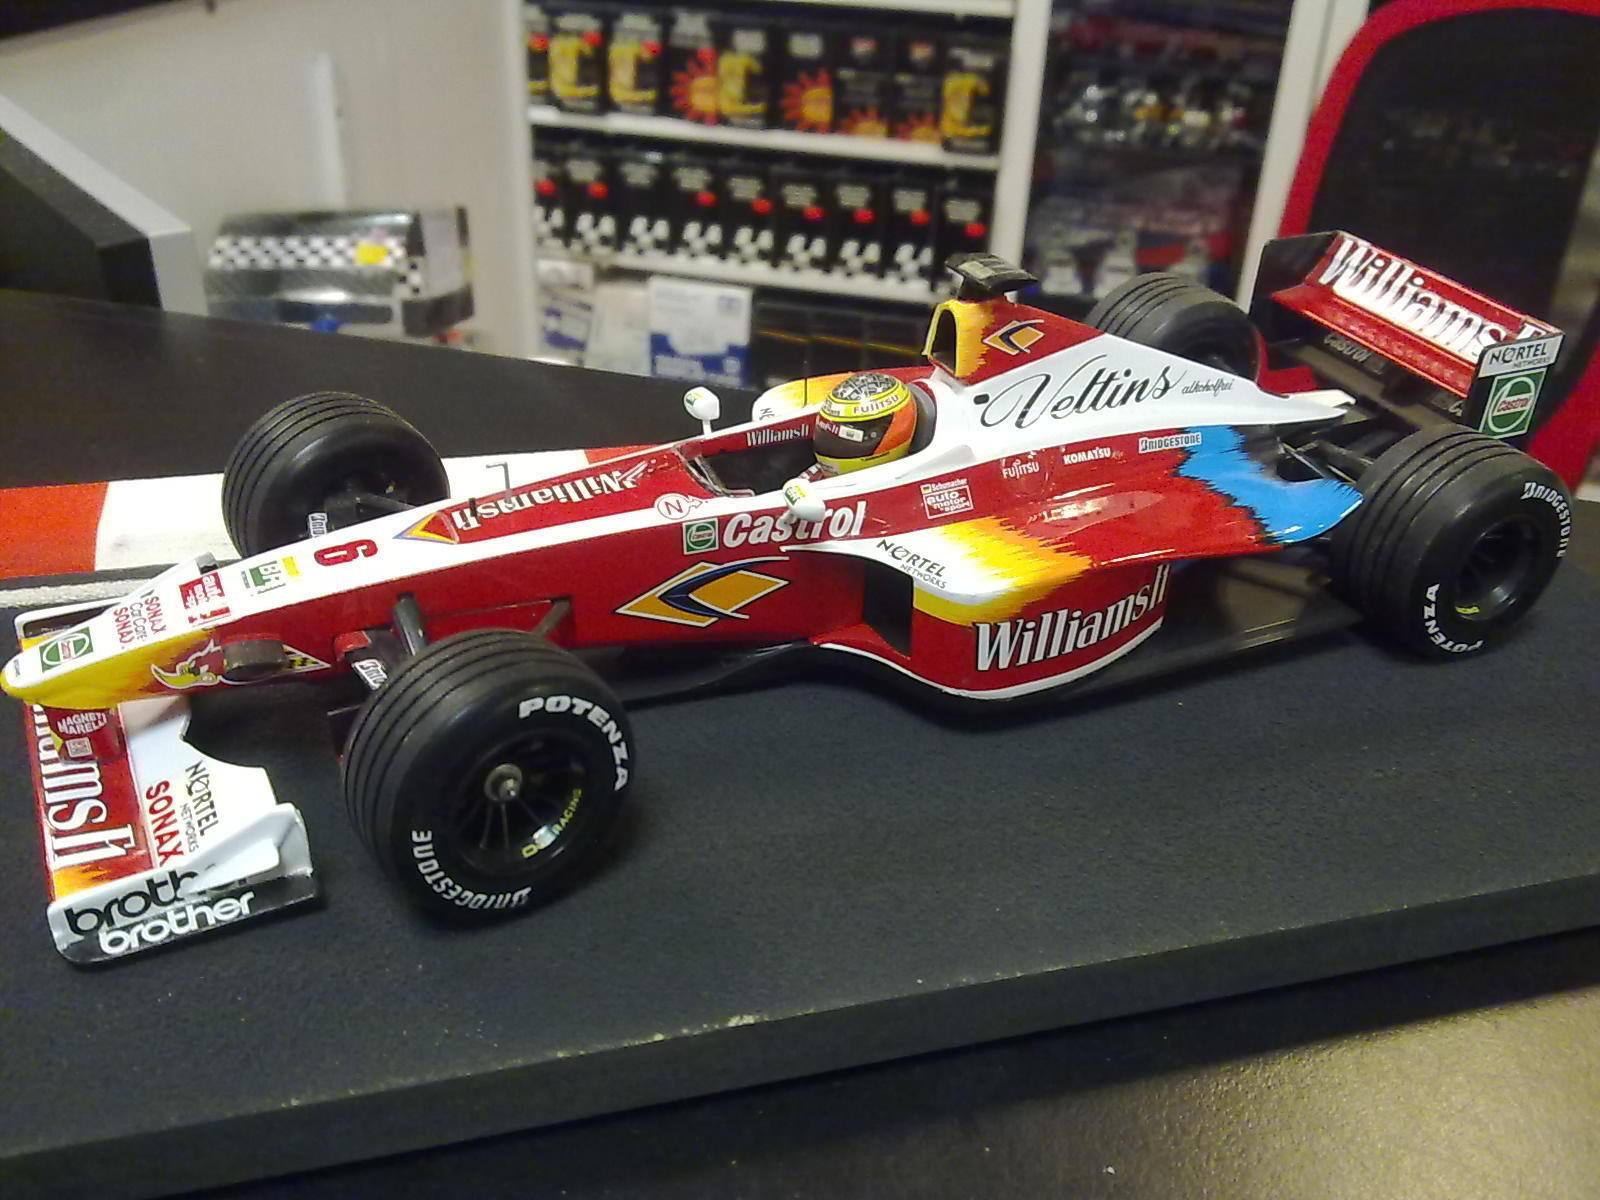 Williams  Supertec FW21 1999 1 18  6 Ralf Schumacher  design simple et généreux